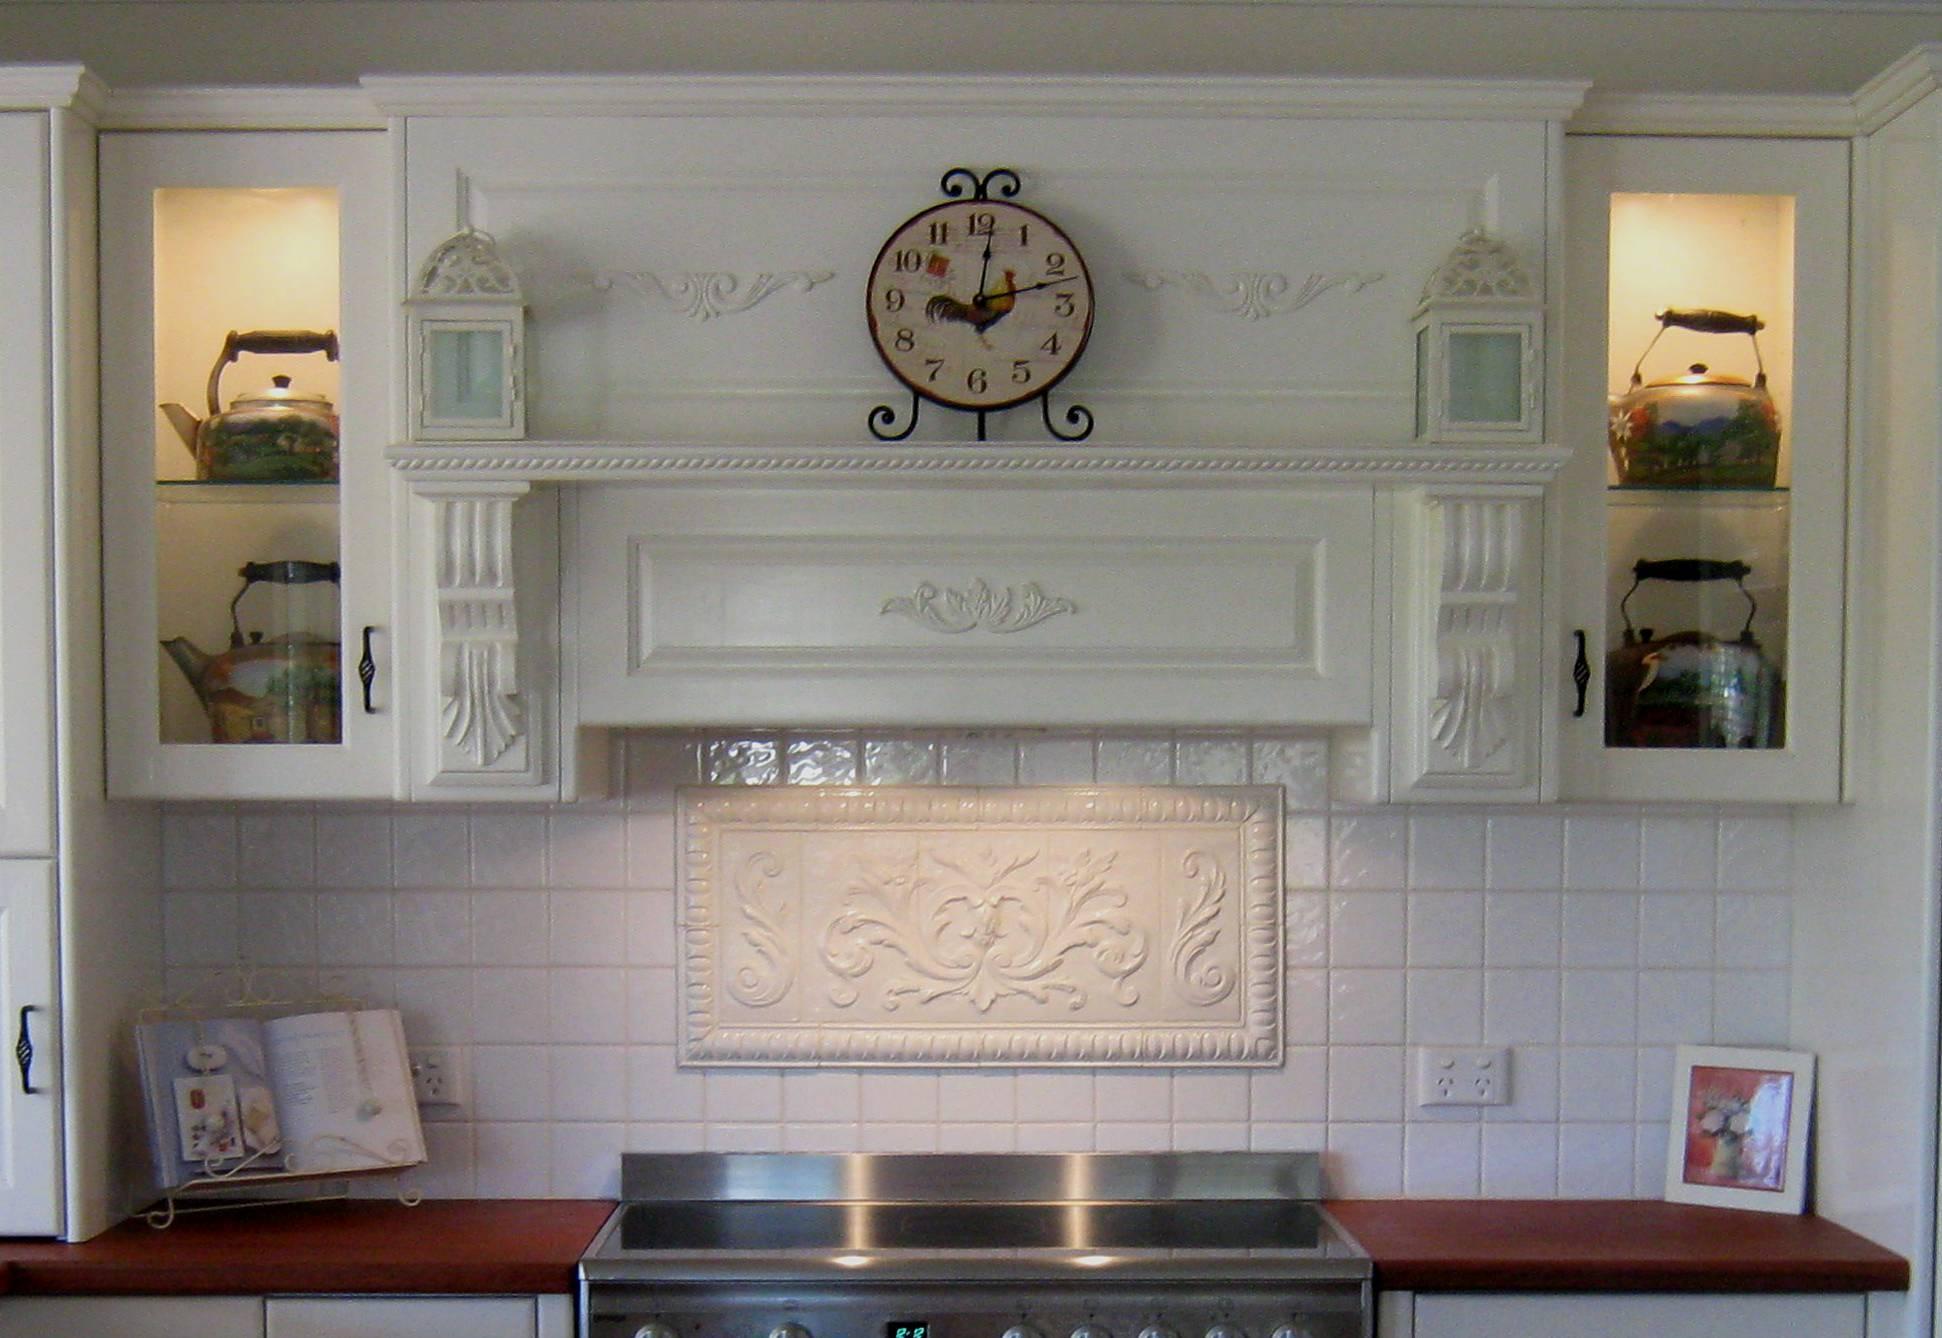 Art3d 12 x 12 Peel and Stick Tile for Kitchen Backsplash